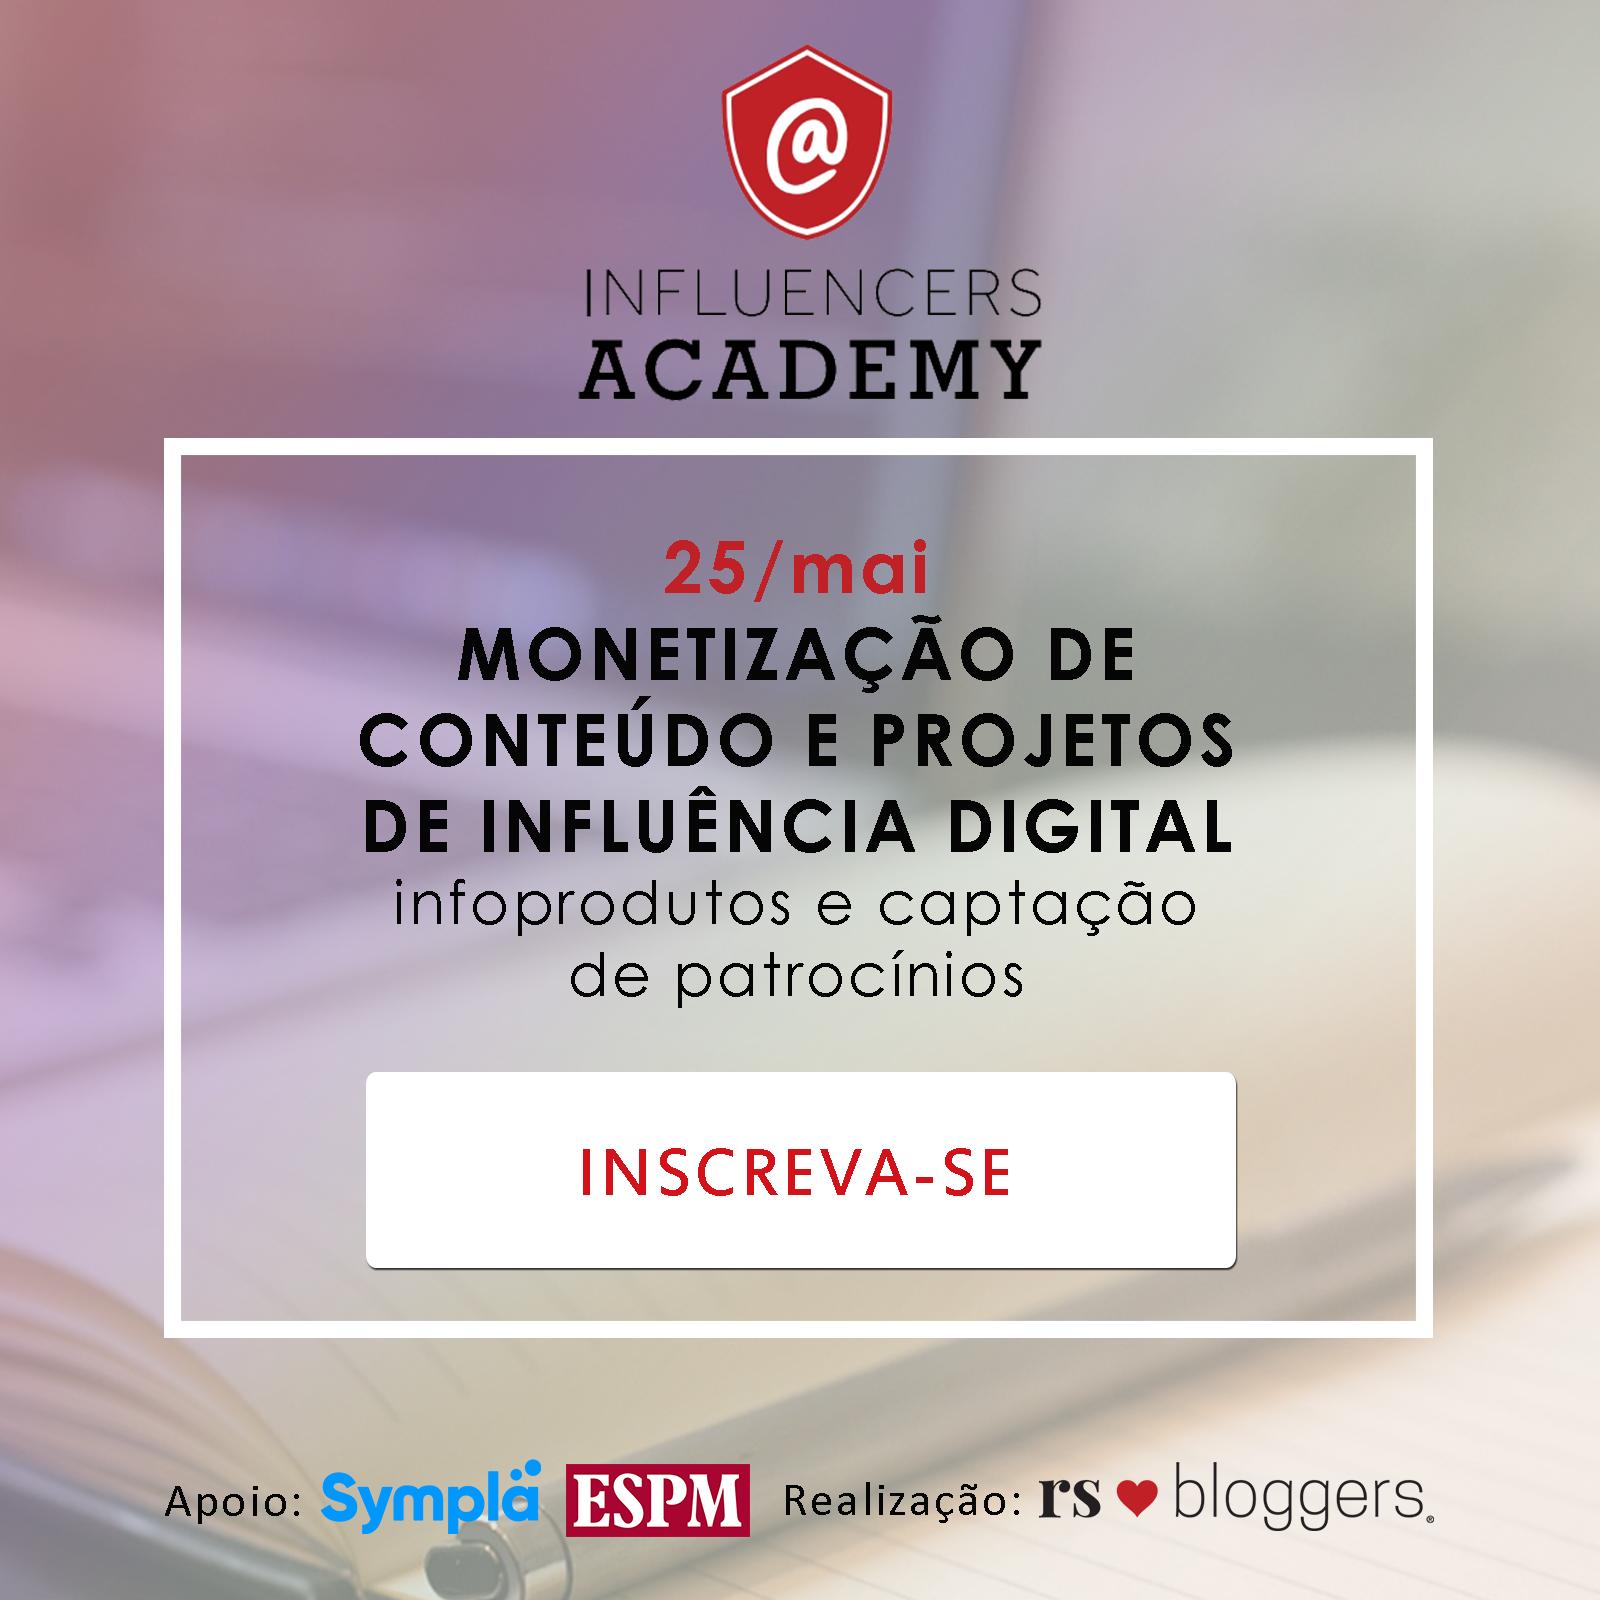 Influencers Academy, 25 de maio, Monetização de Conteúdo